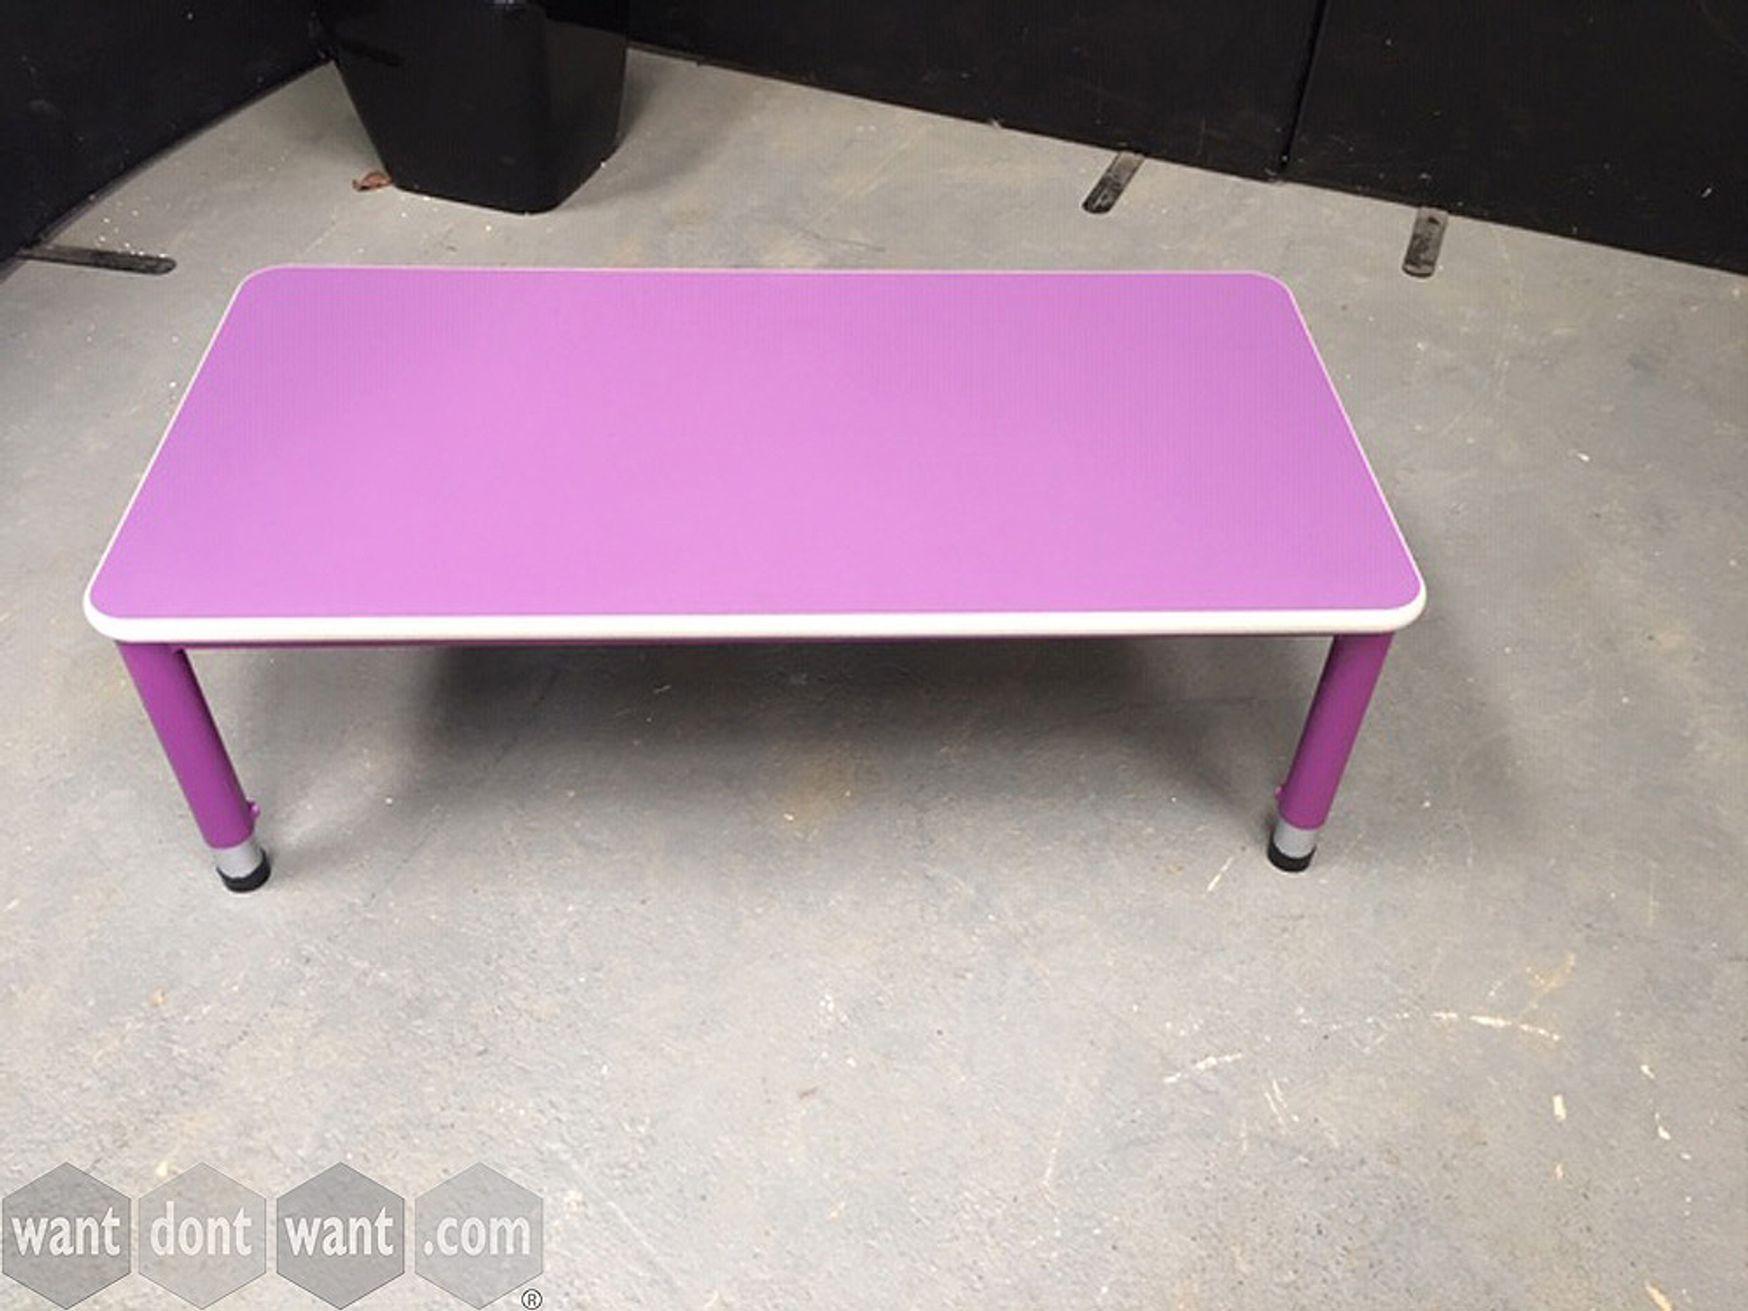 Used light purple low table